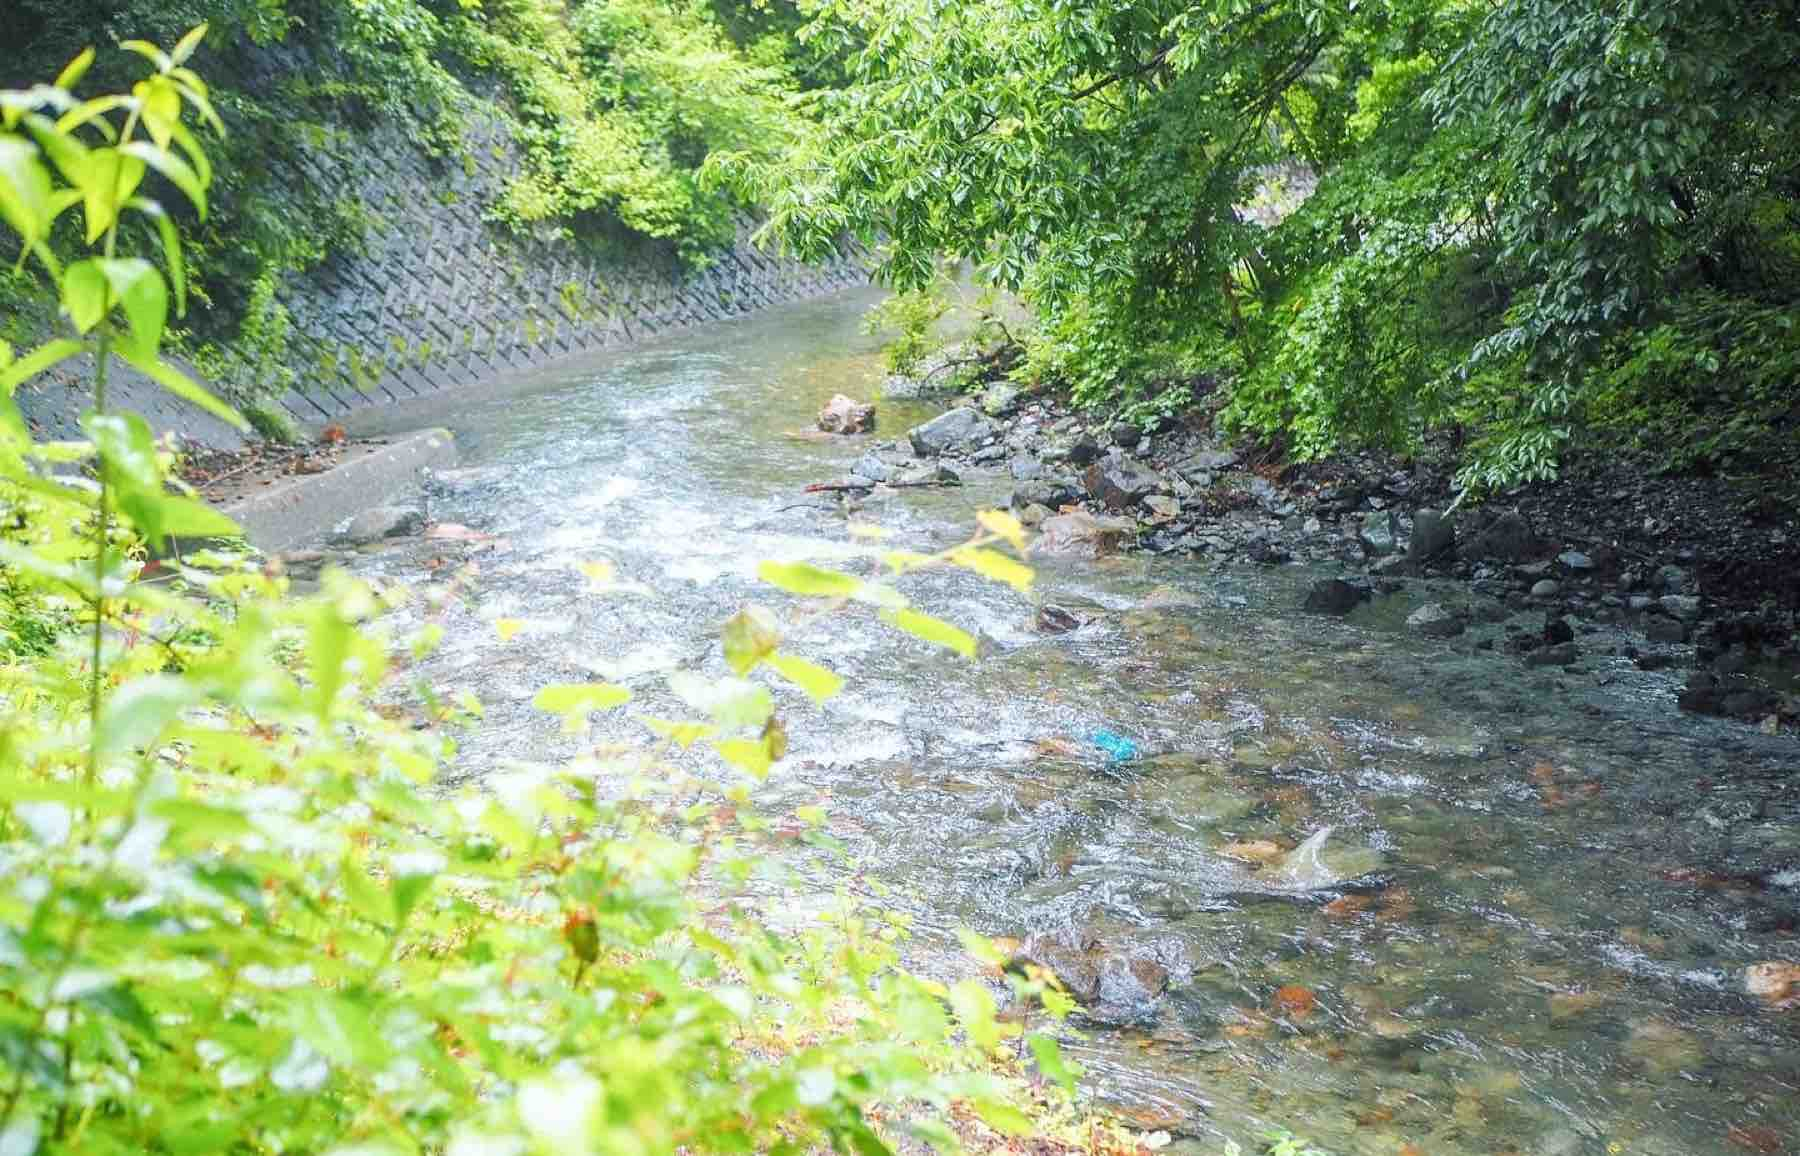 KEIKOKU GLAMINGスイートテンとから降りられる川